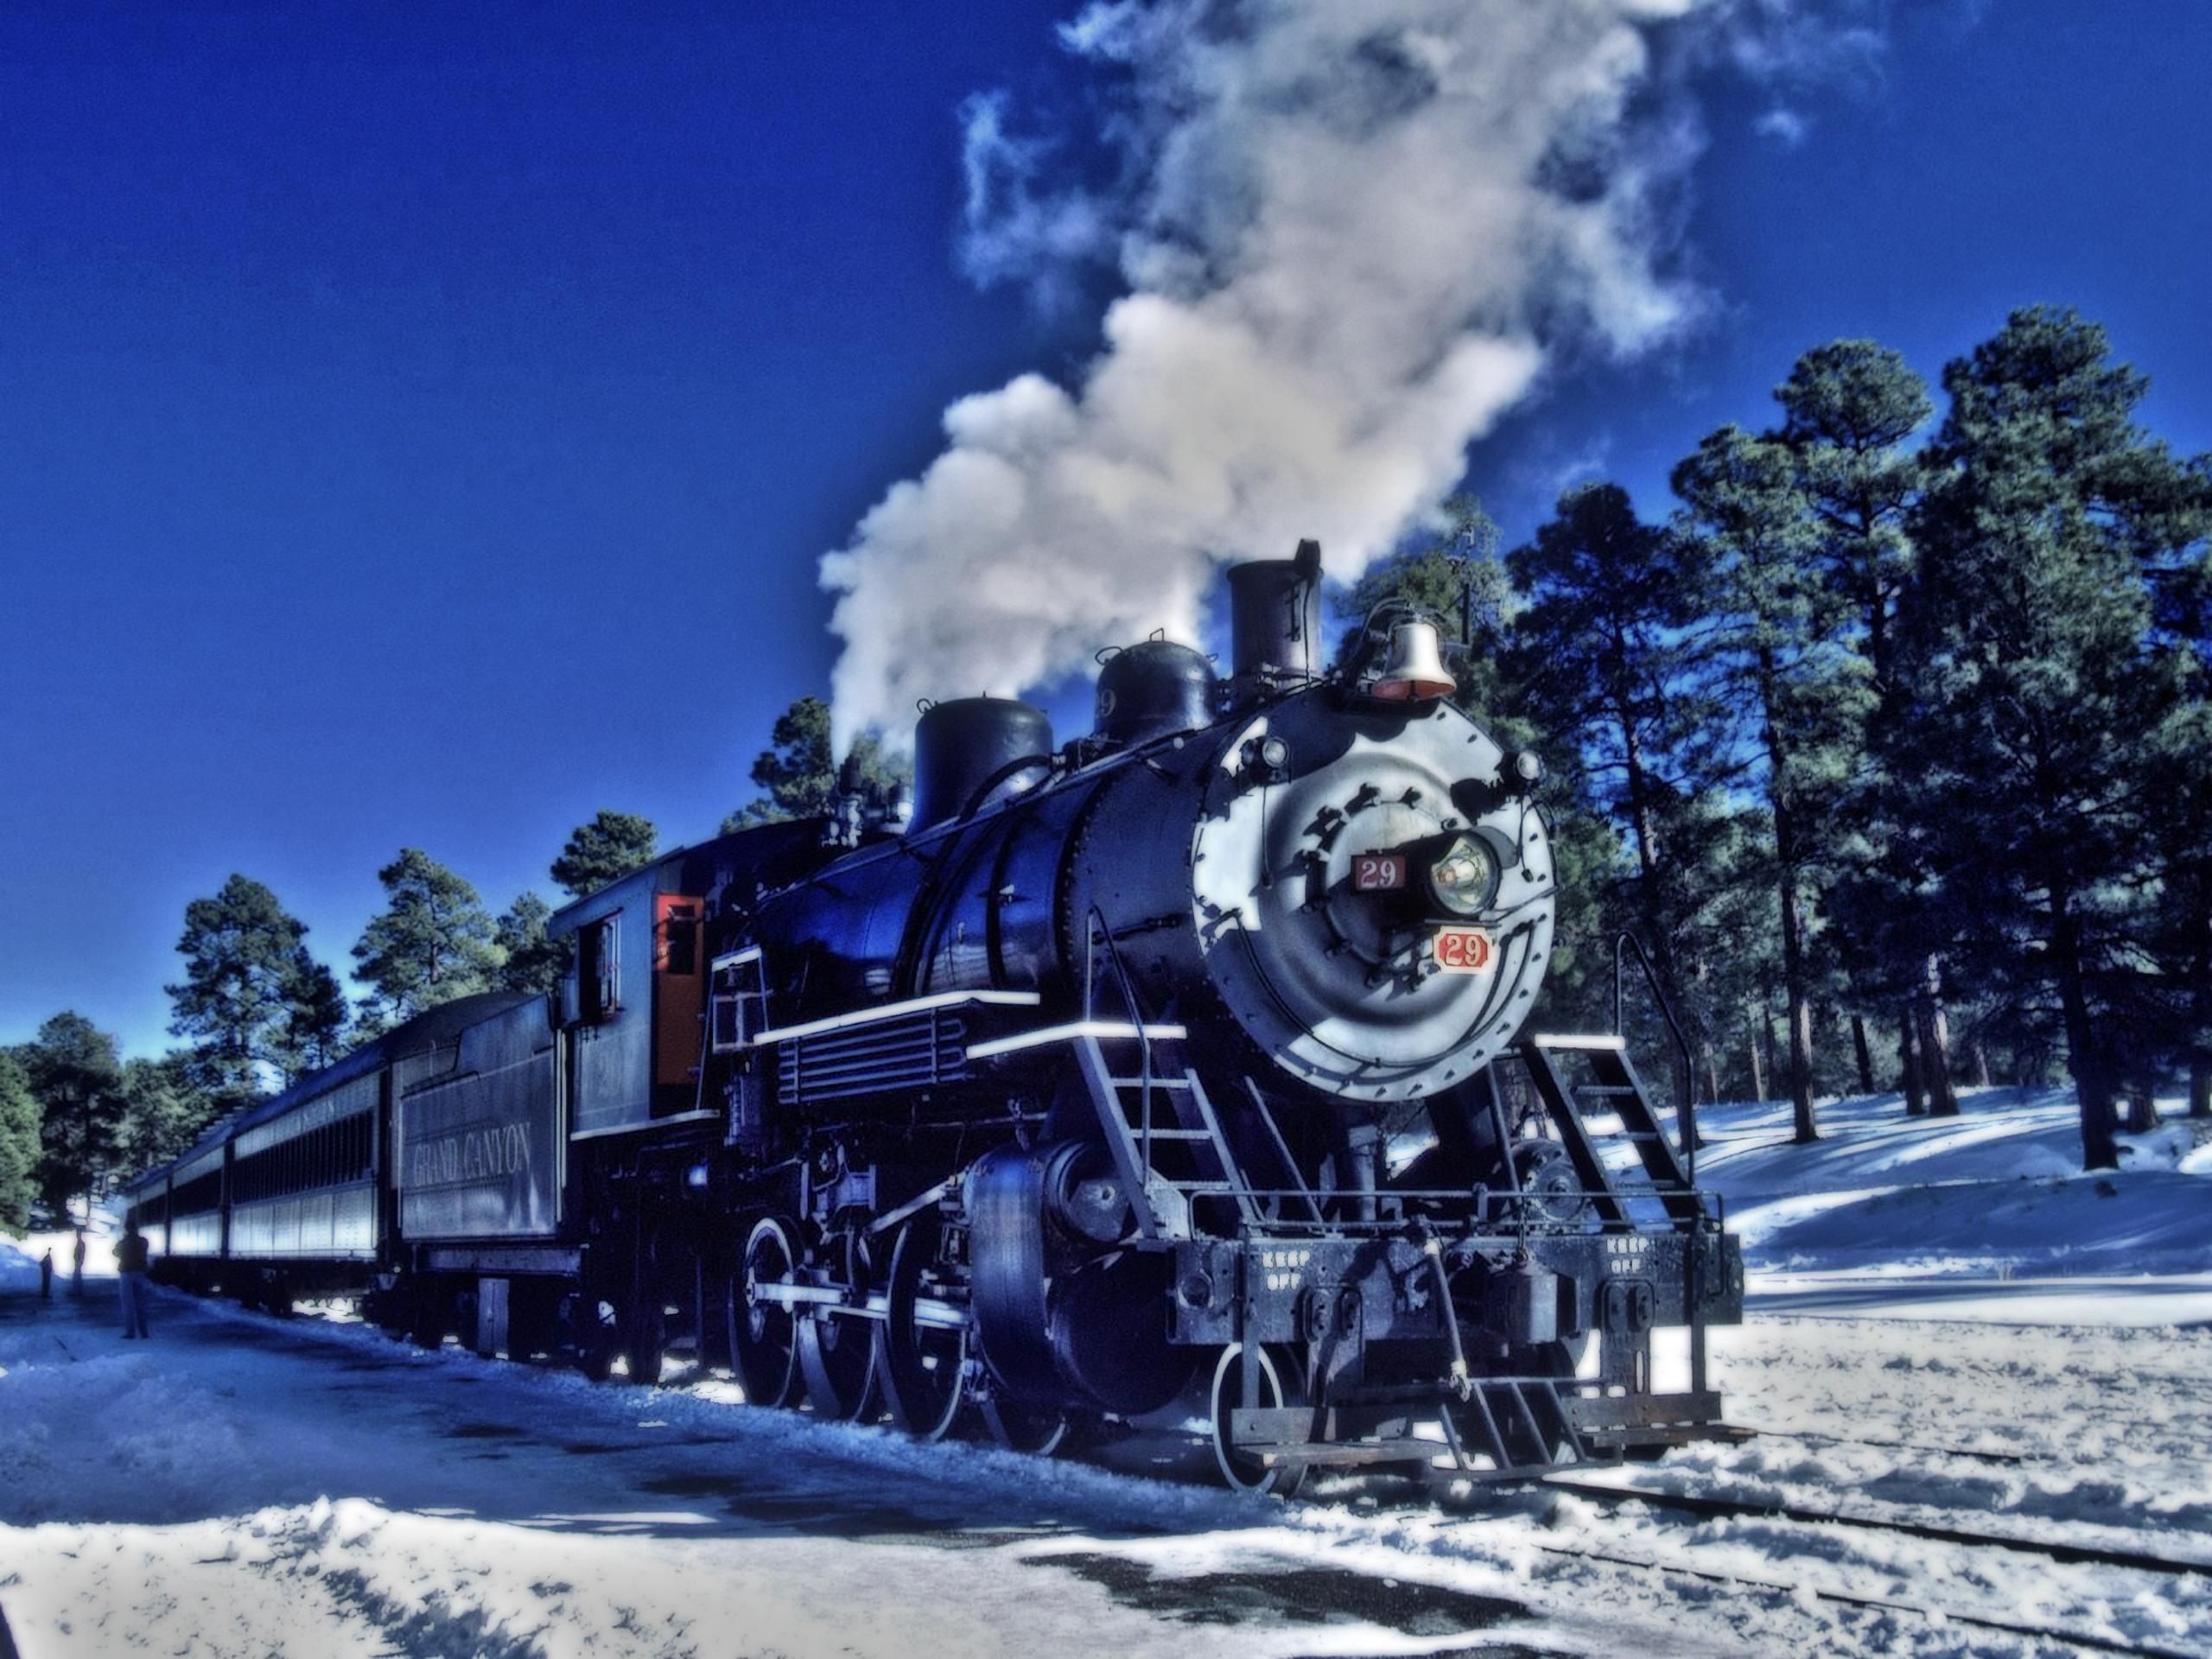 lionel train wallpaper - photo #22